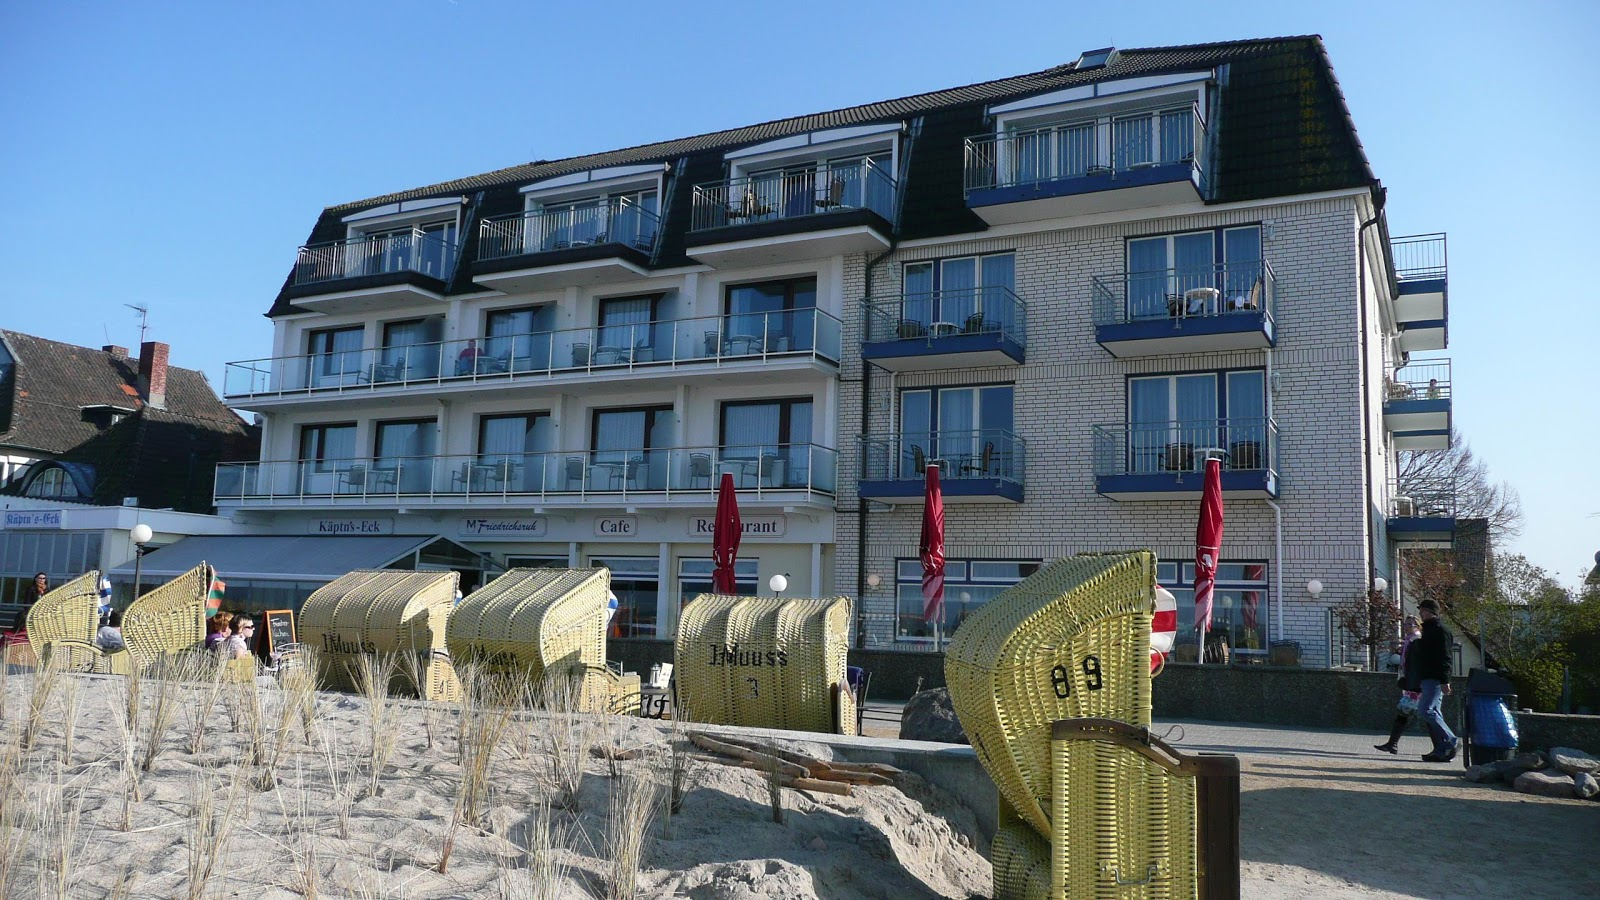 Hotel Mein Strandhaus in Timmendorfer Strand • HolidayCheck ...